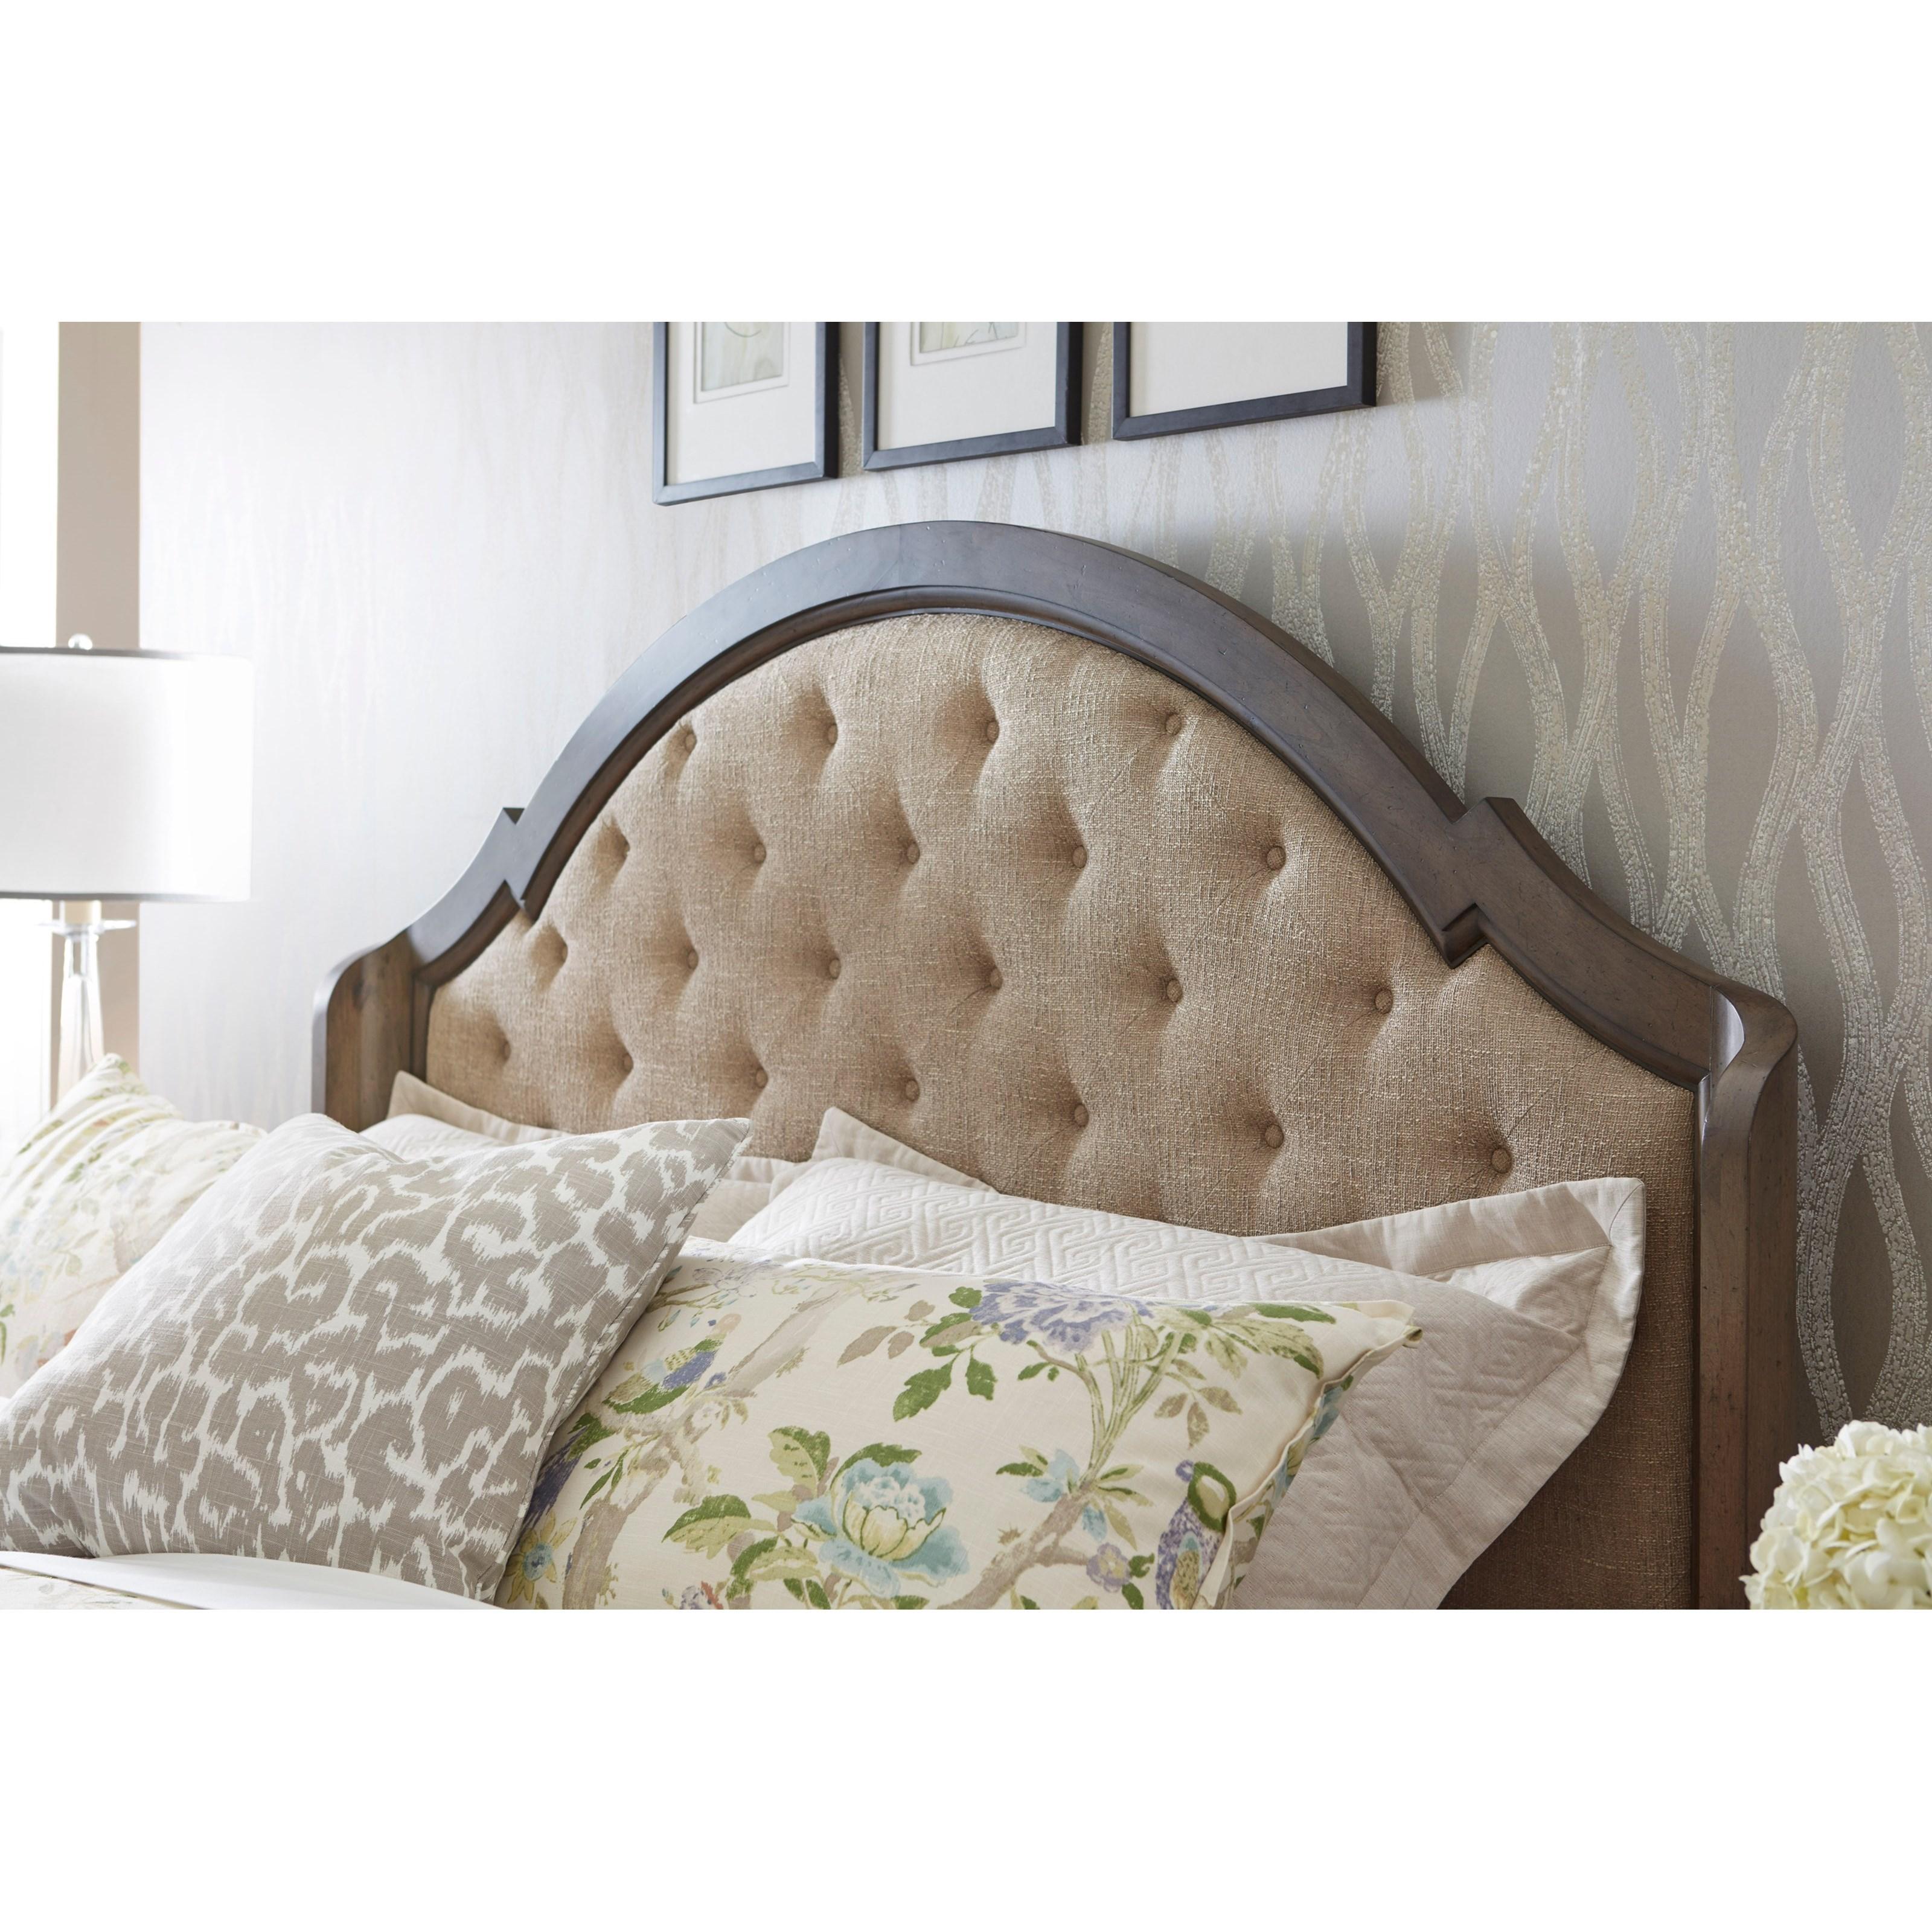 Radford Uph Shelter Bed 5/0